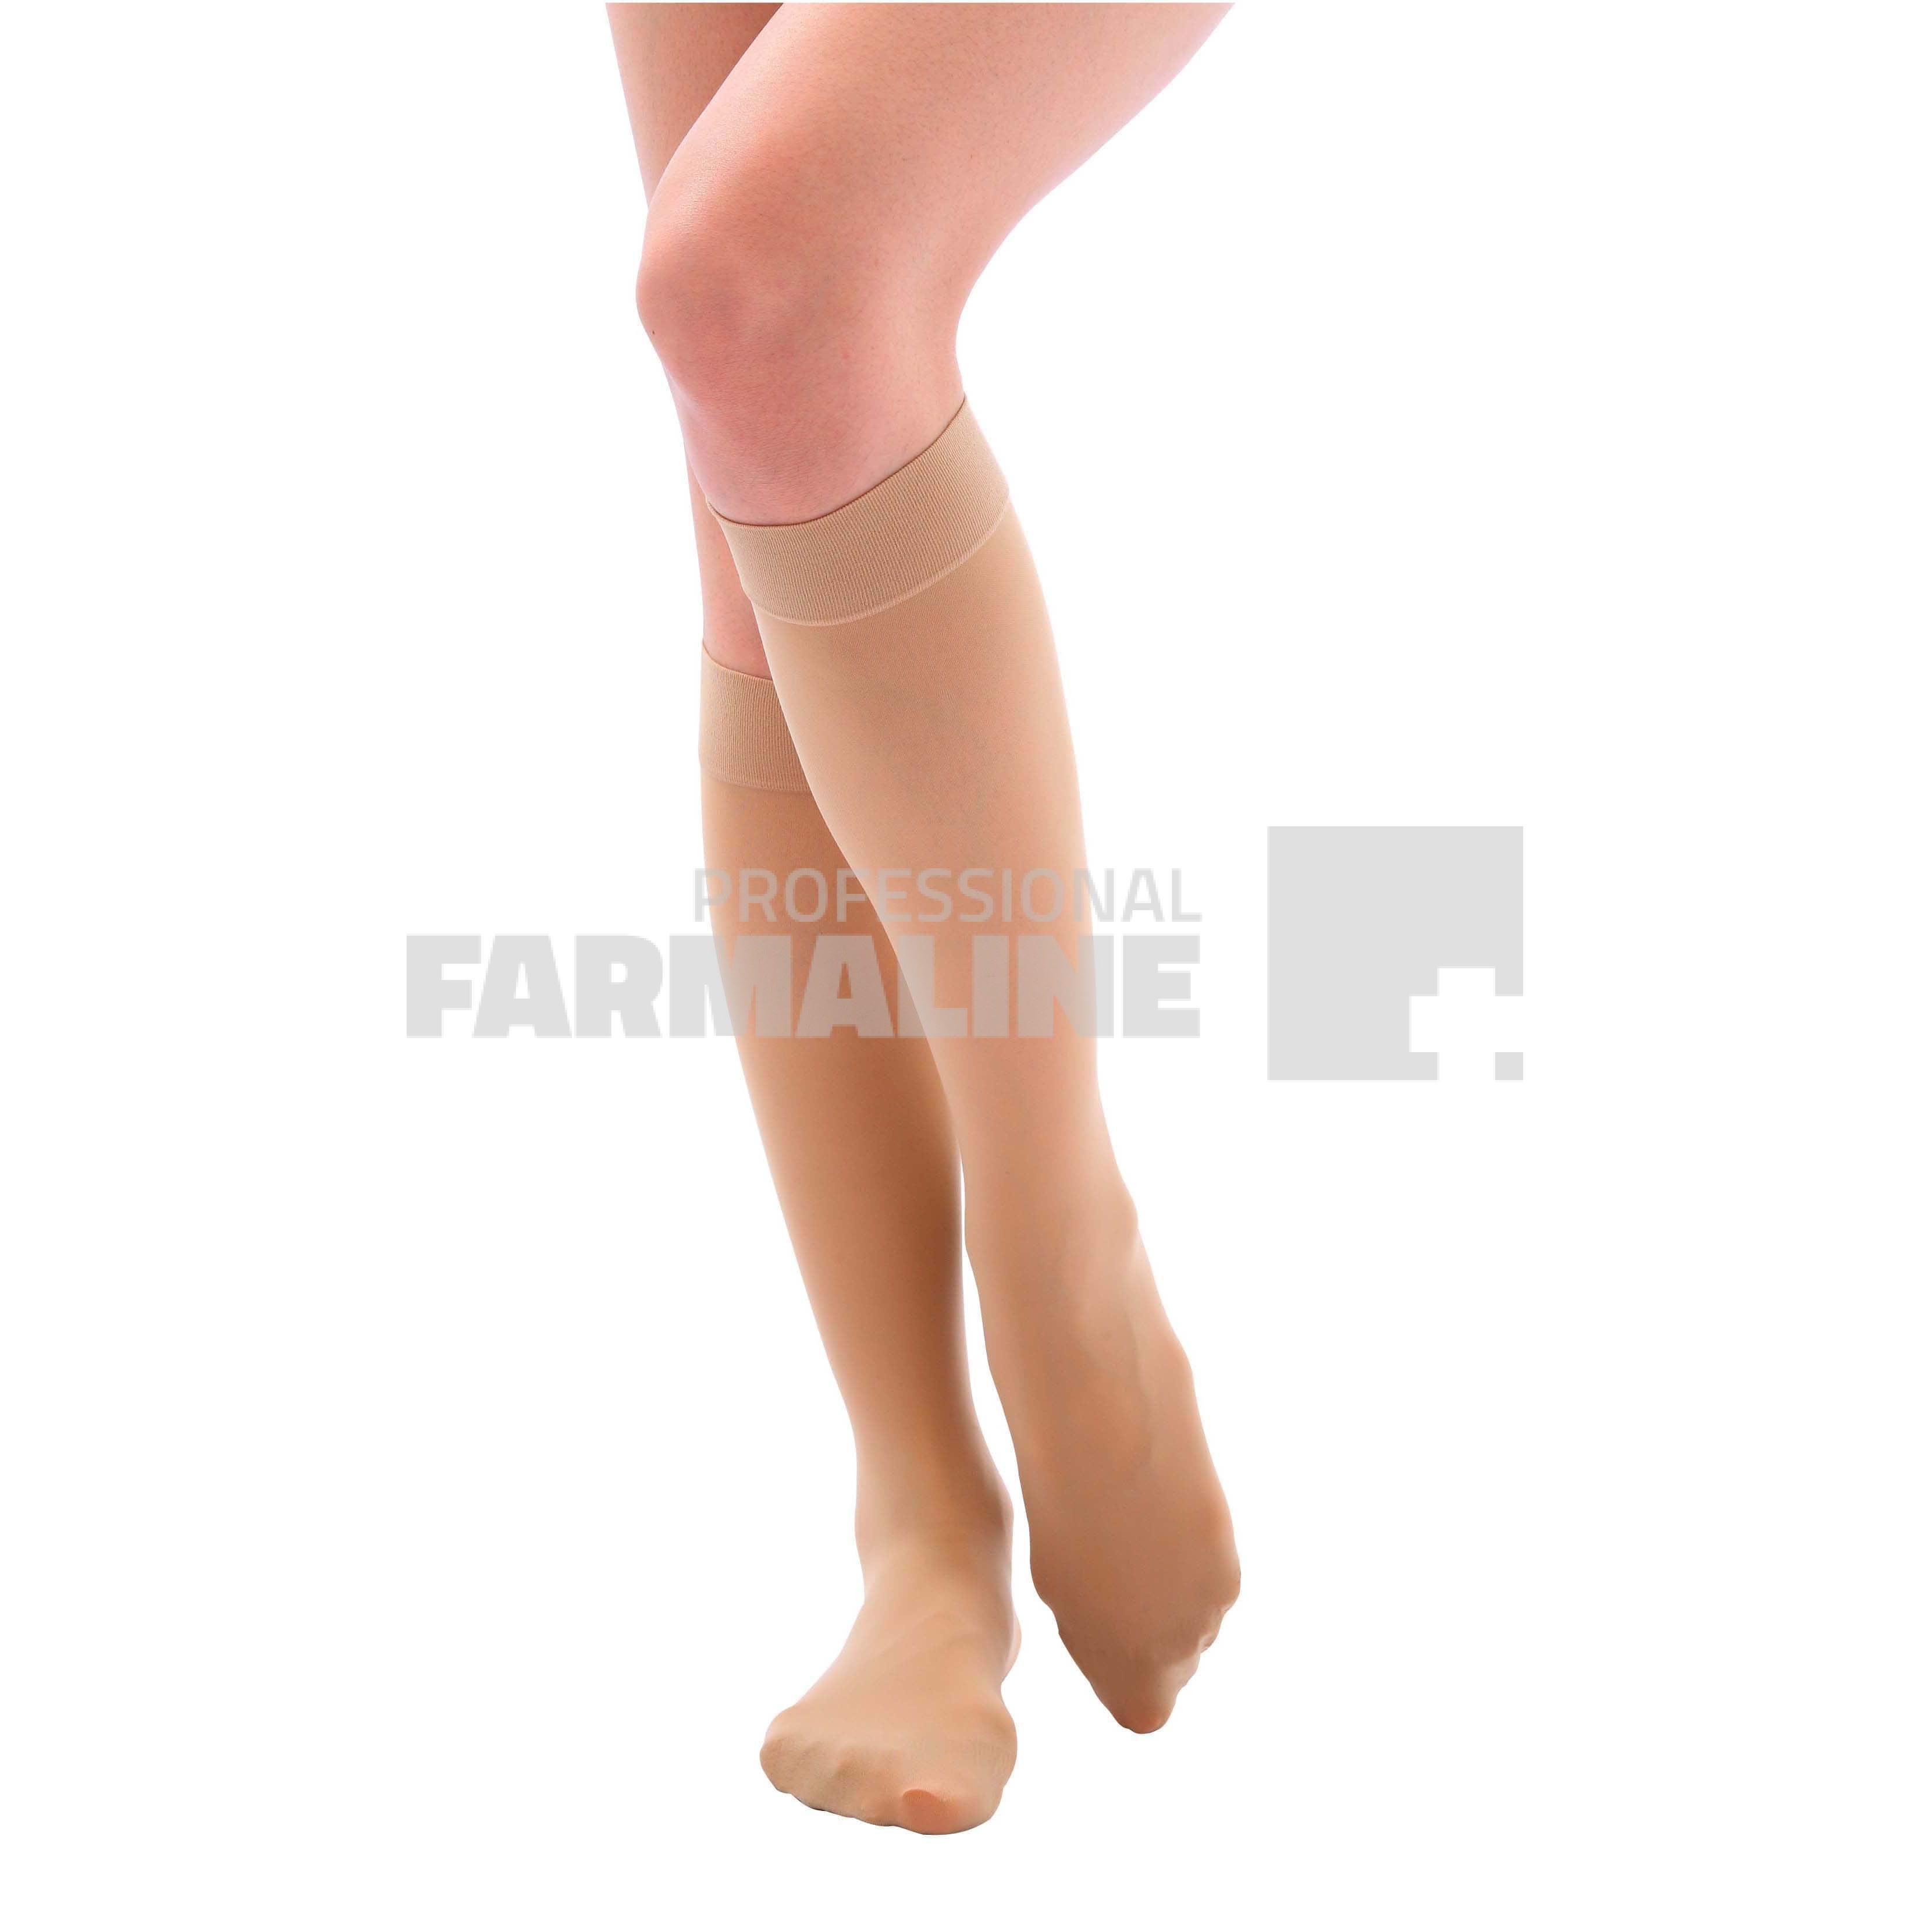 Ciorapi de compresie sau ciorapi - ce să alegeți pentru varice ale extremităților inferioare